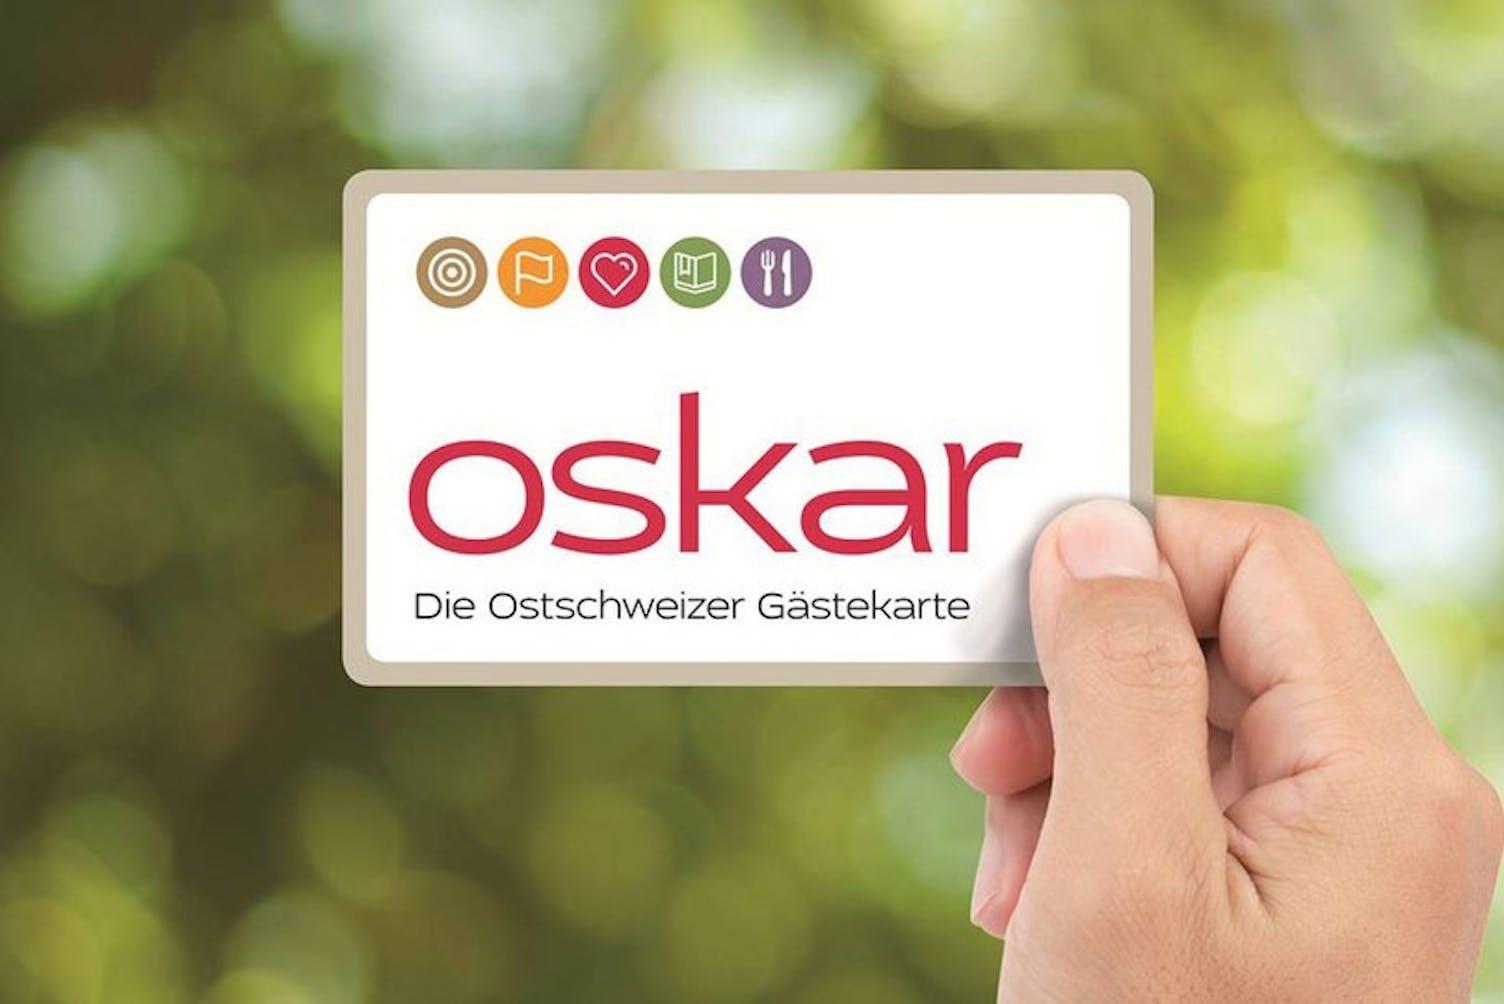 Oskar Gästekarte